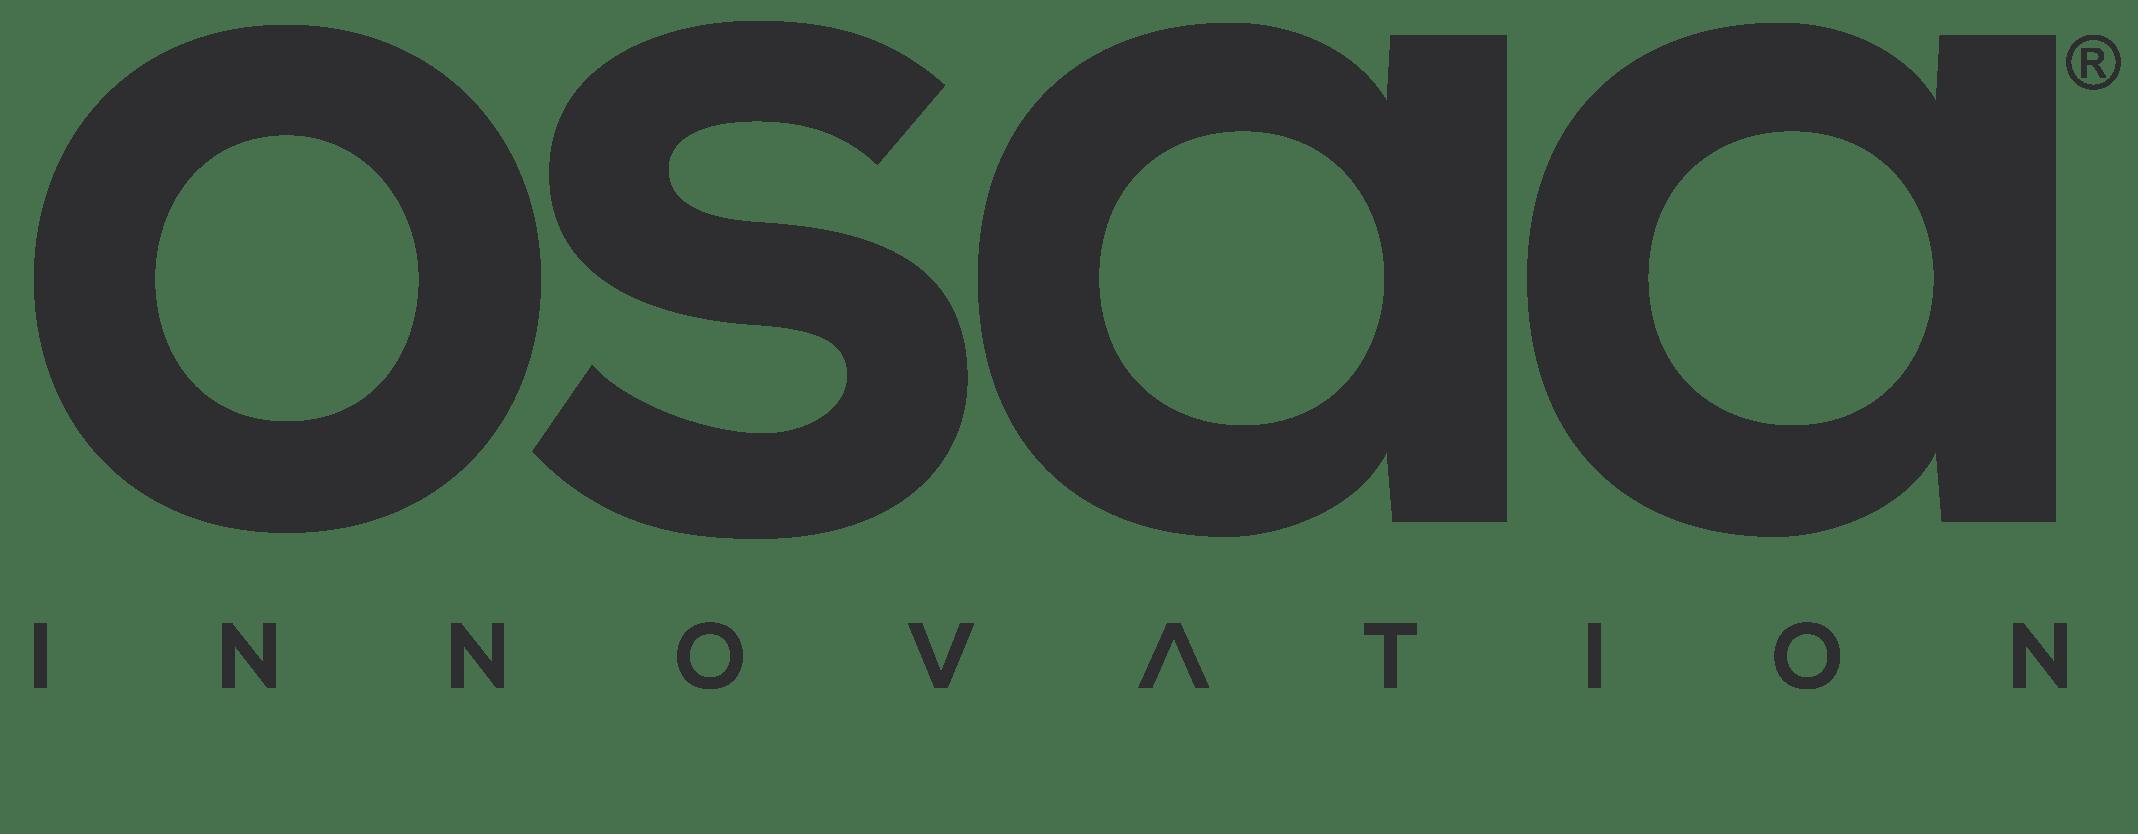 OSAA-B-NoB-(R)-G-Innovation